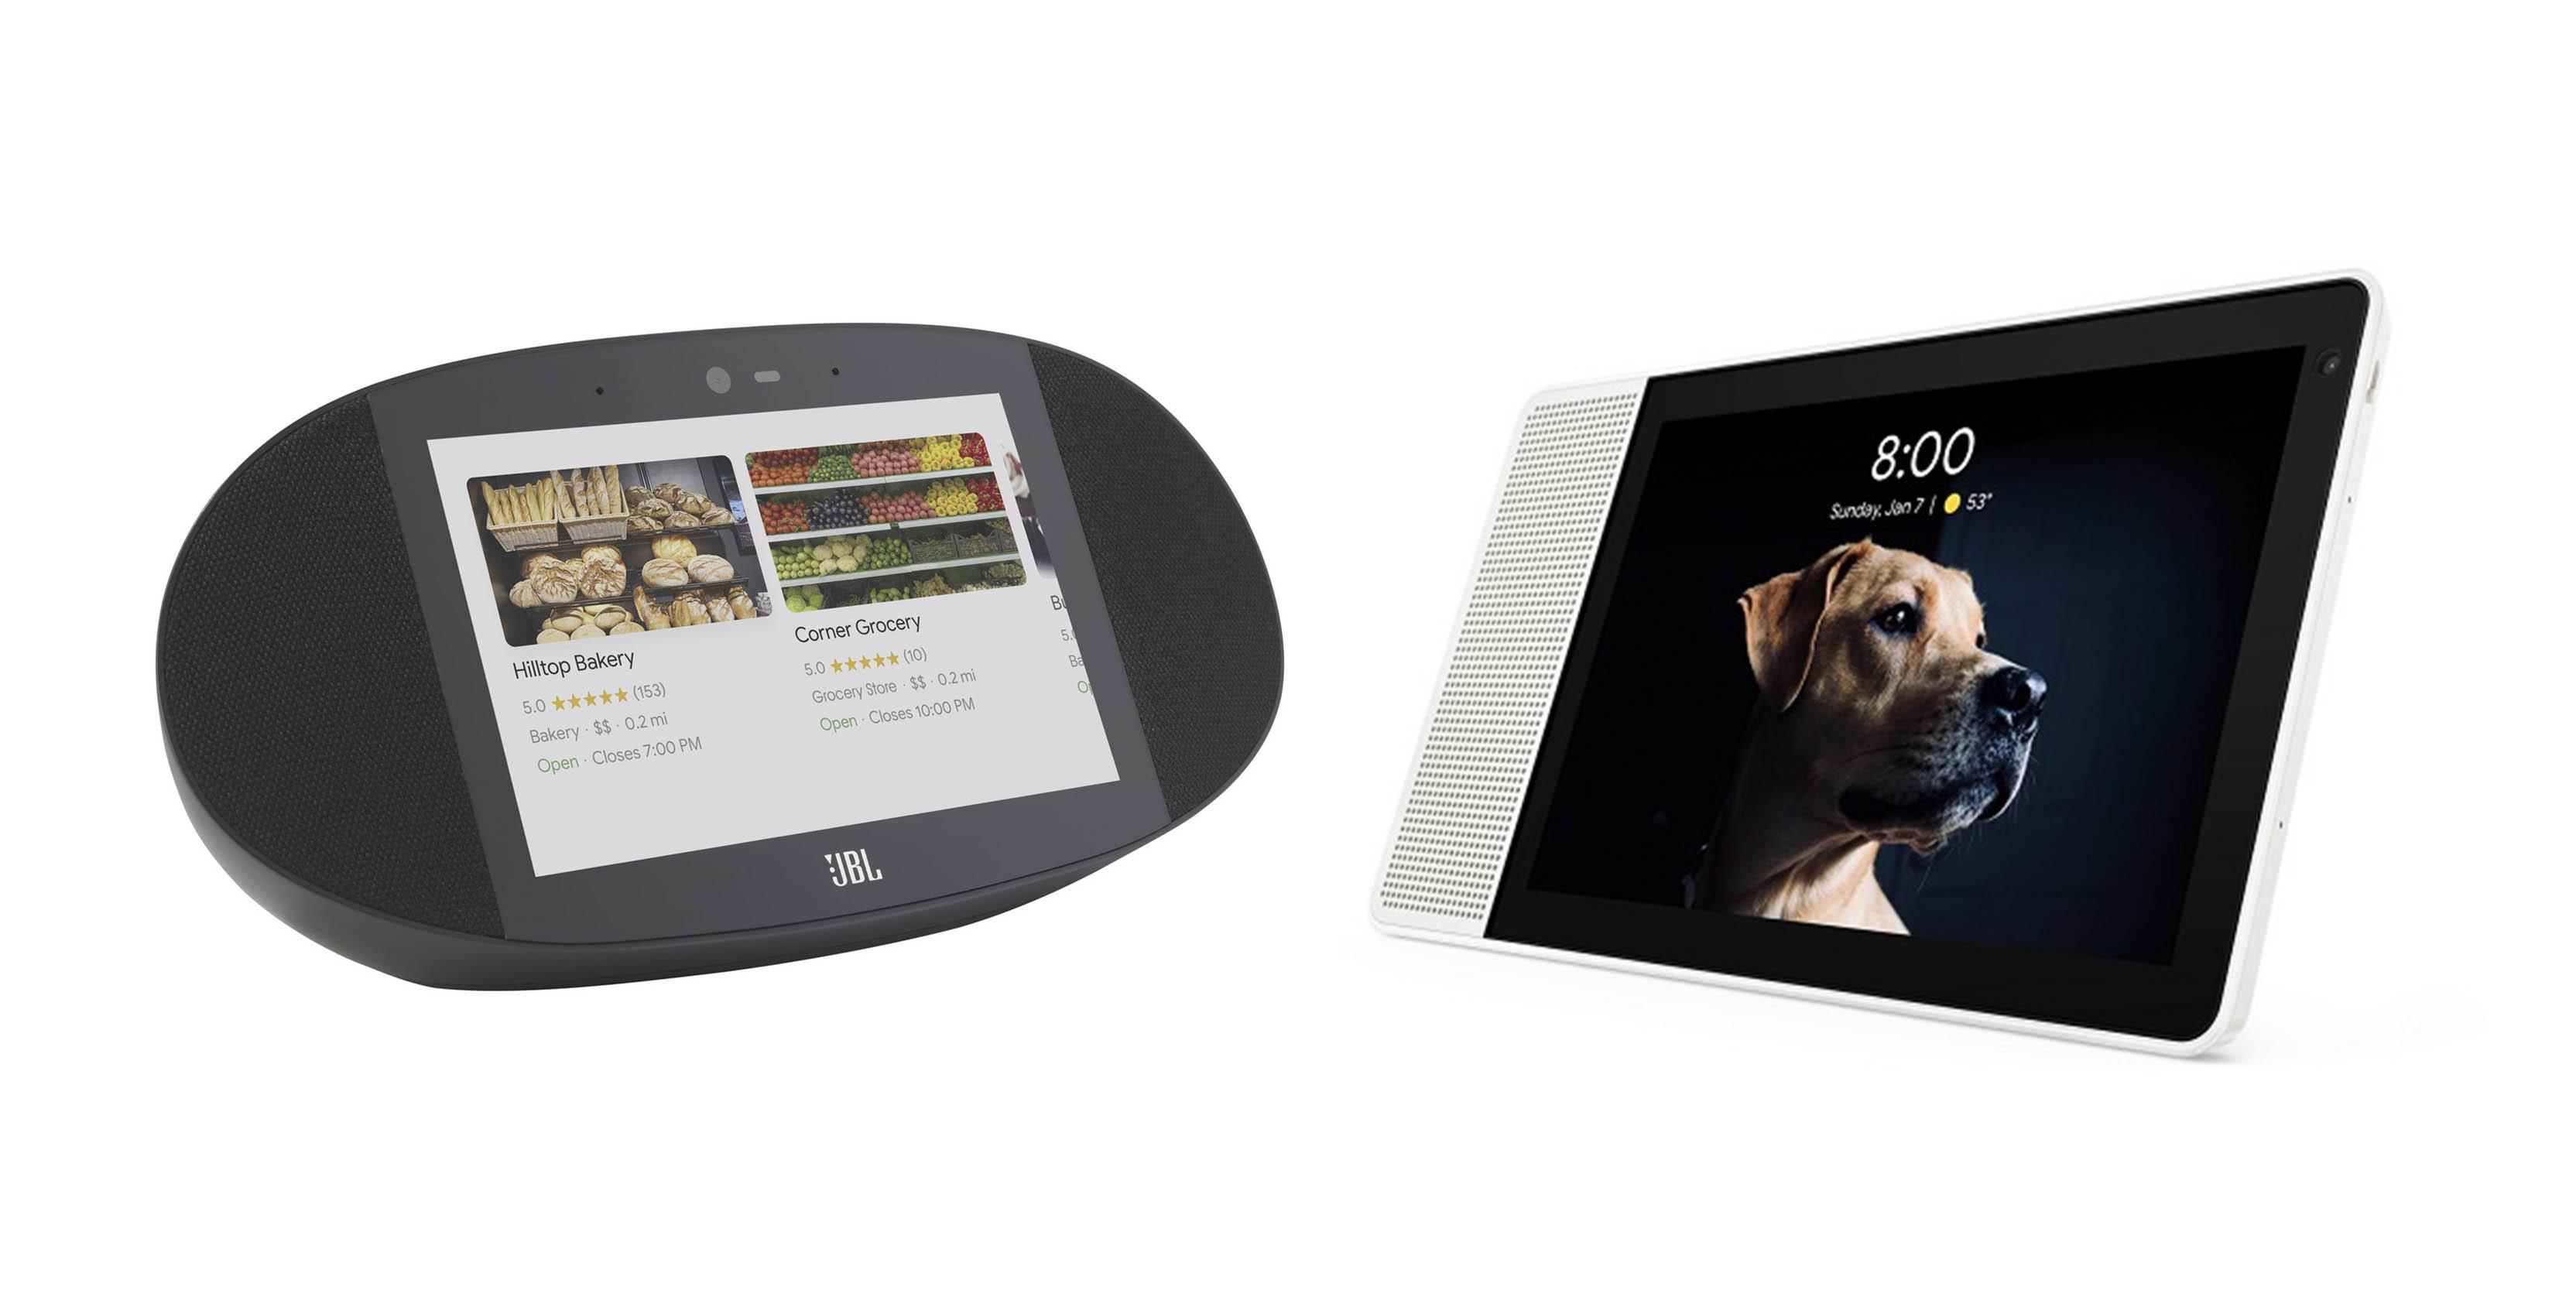 JBL and Lenovo smart displays